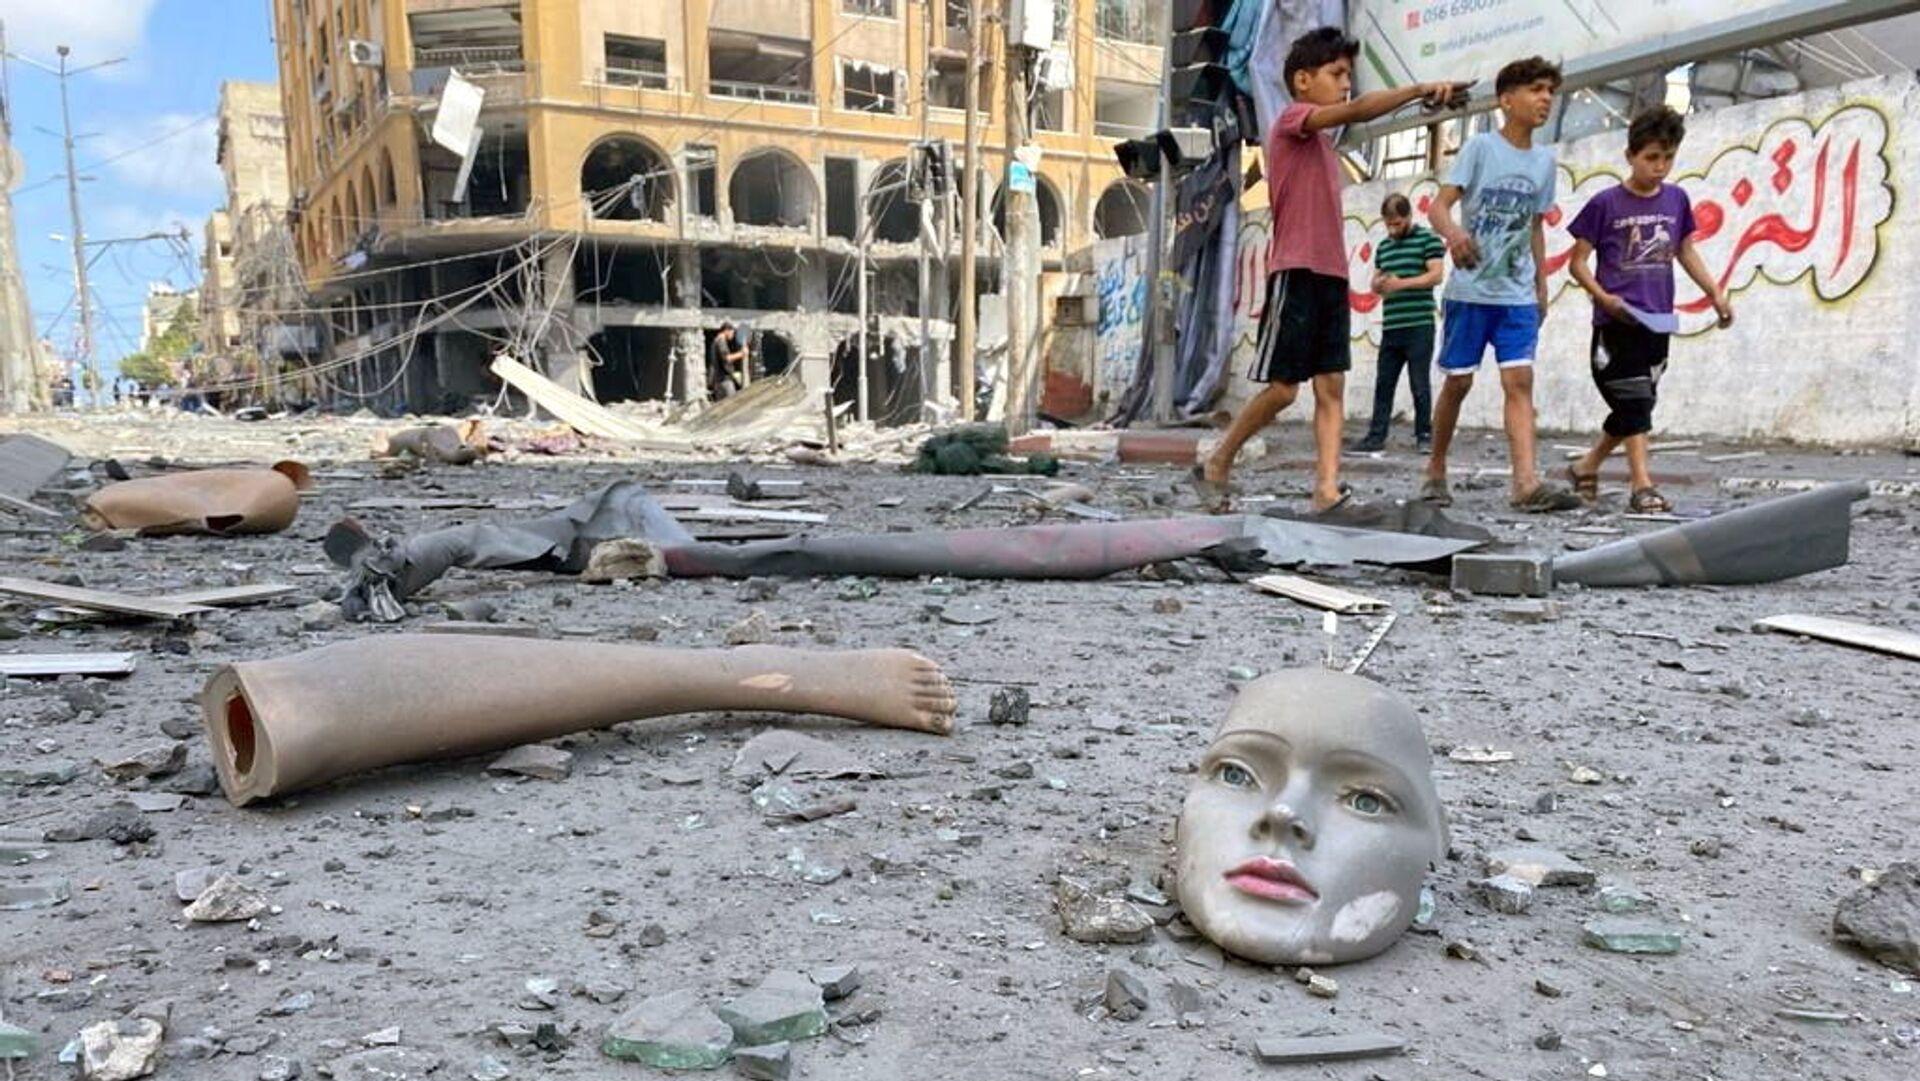 Части сломанного манекена лежат на земле возле здания, пострадавшего от ударов израильской авиации во время вспышки израильско-палестинского конфликта, Газа - Sputnik Mundo, 1920, 16.05.2021